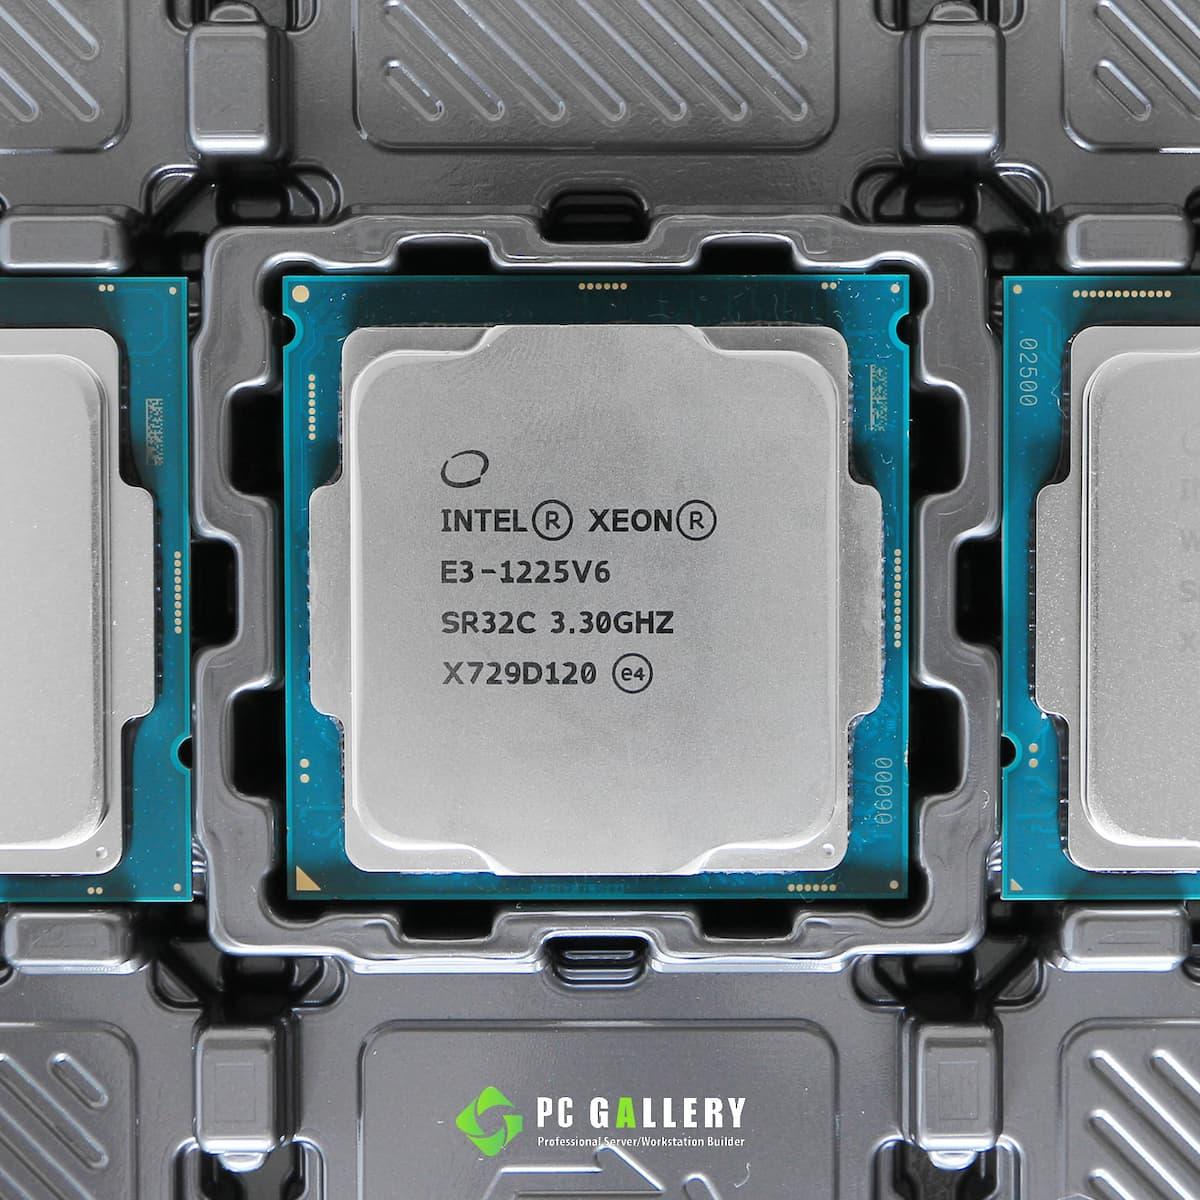 Intel-Xeon-E3-1225v6 (Tray)